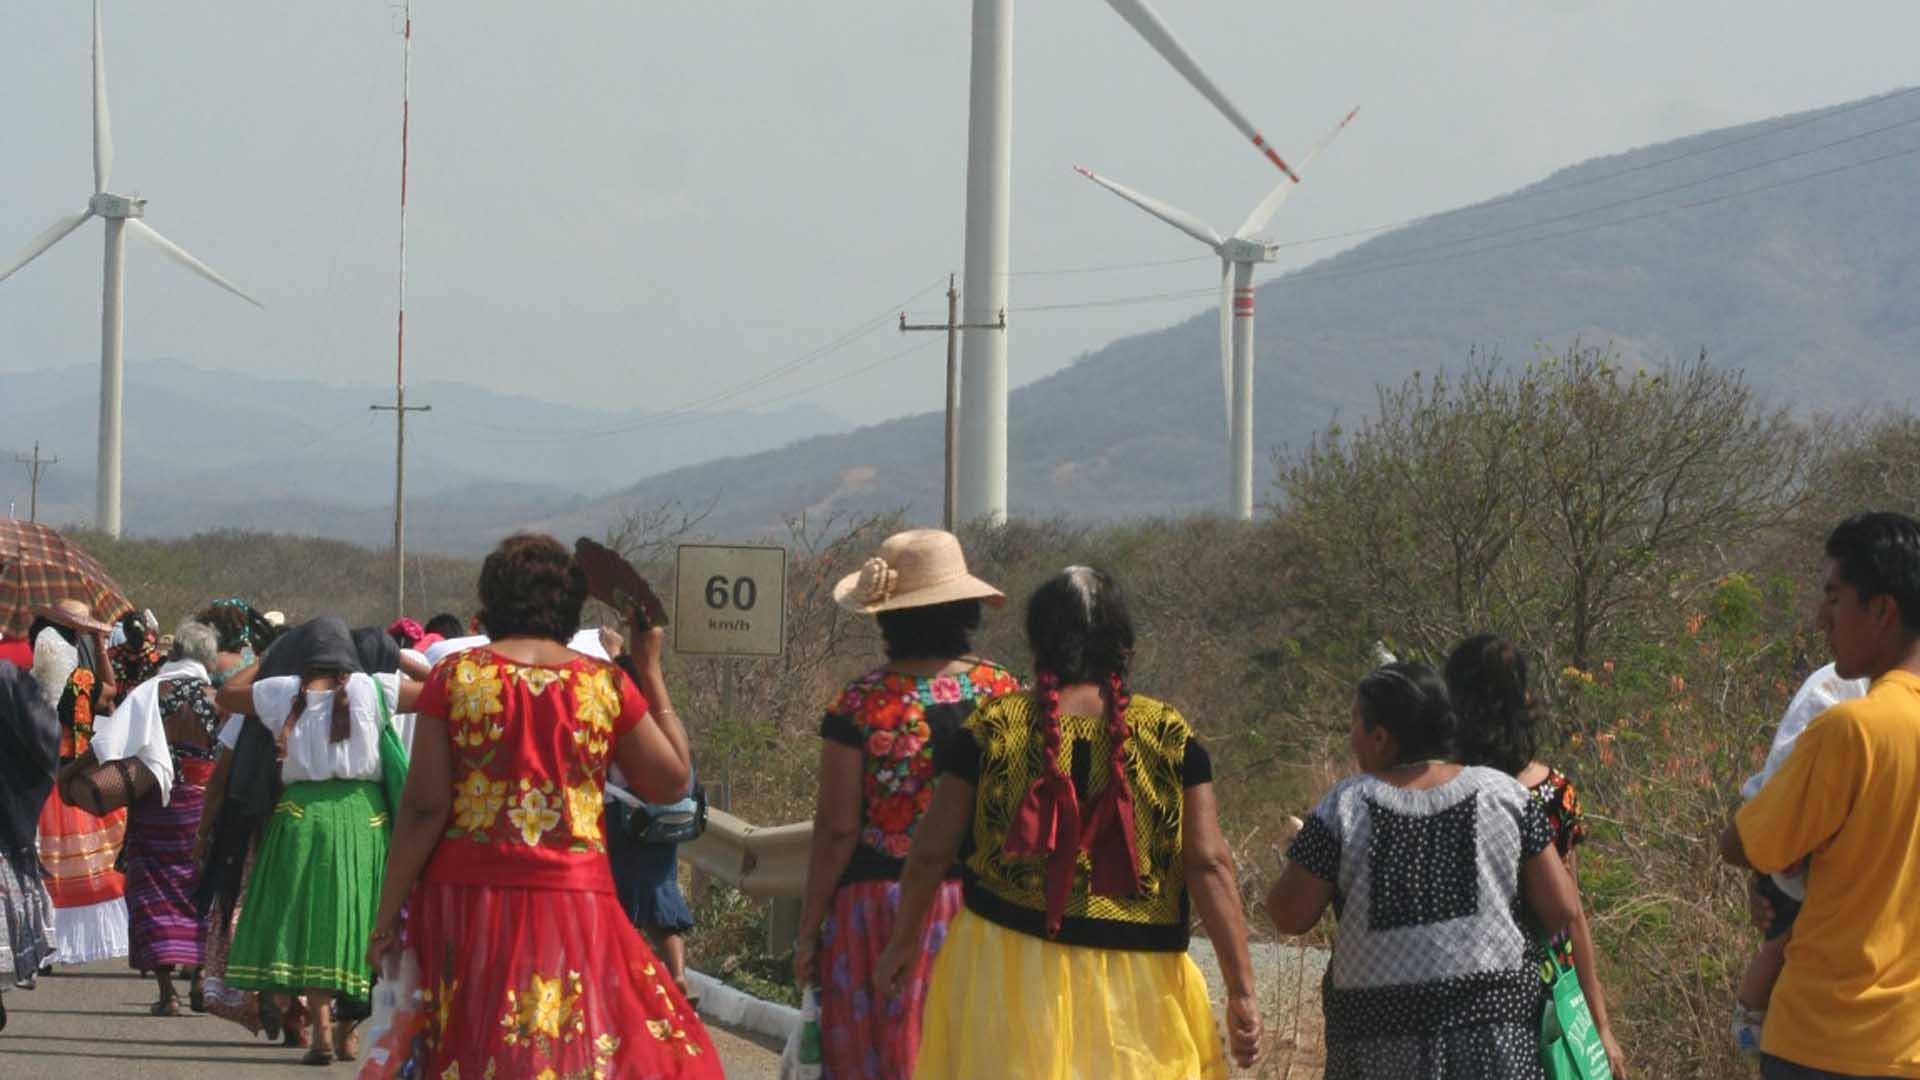 Aerogeneradores en tierras de Oaxaca. Imagen de Google